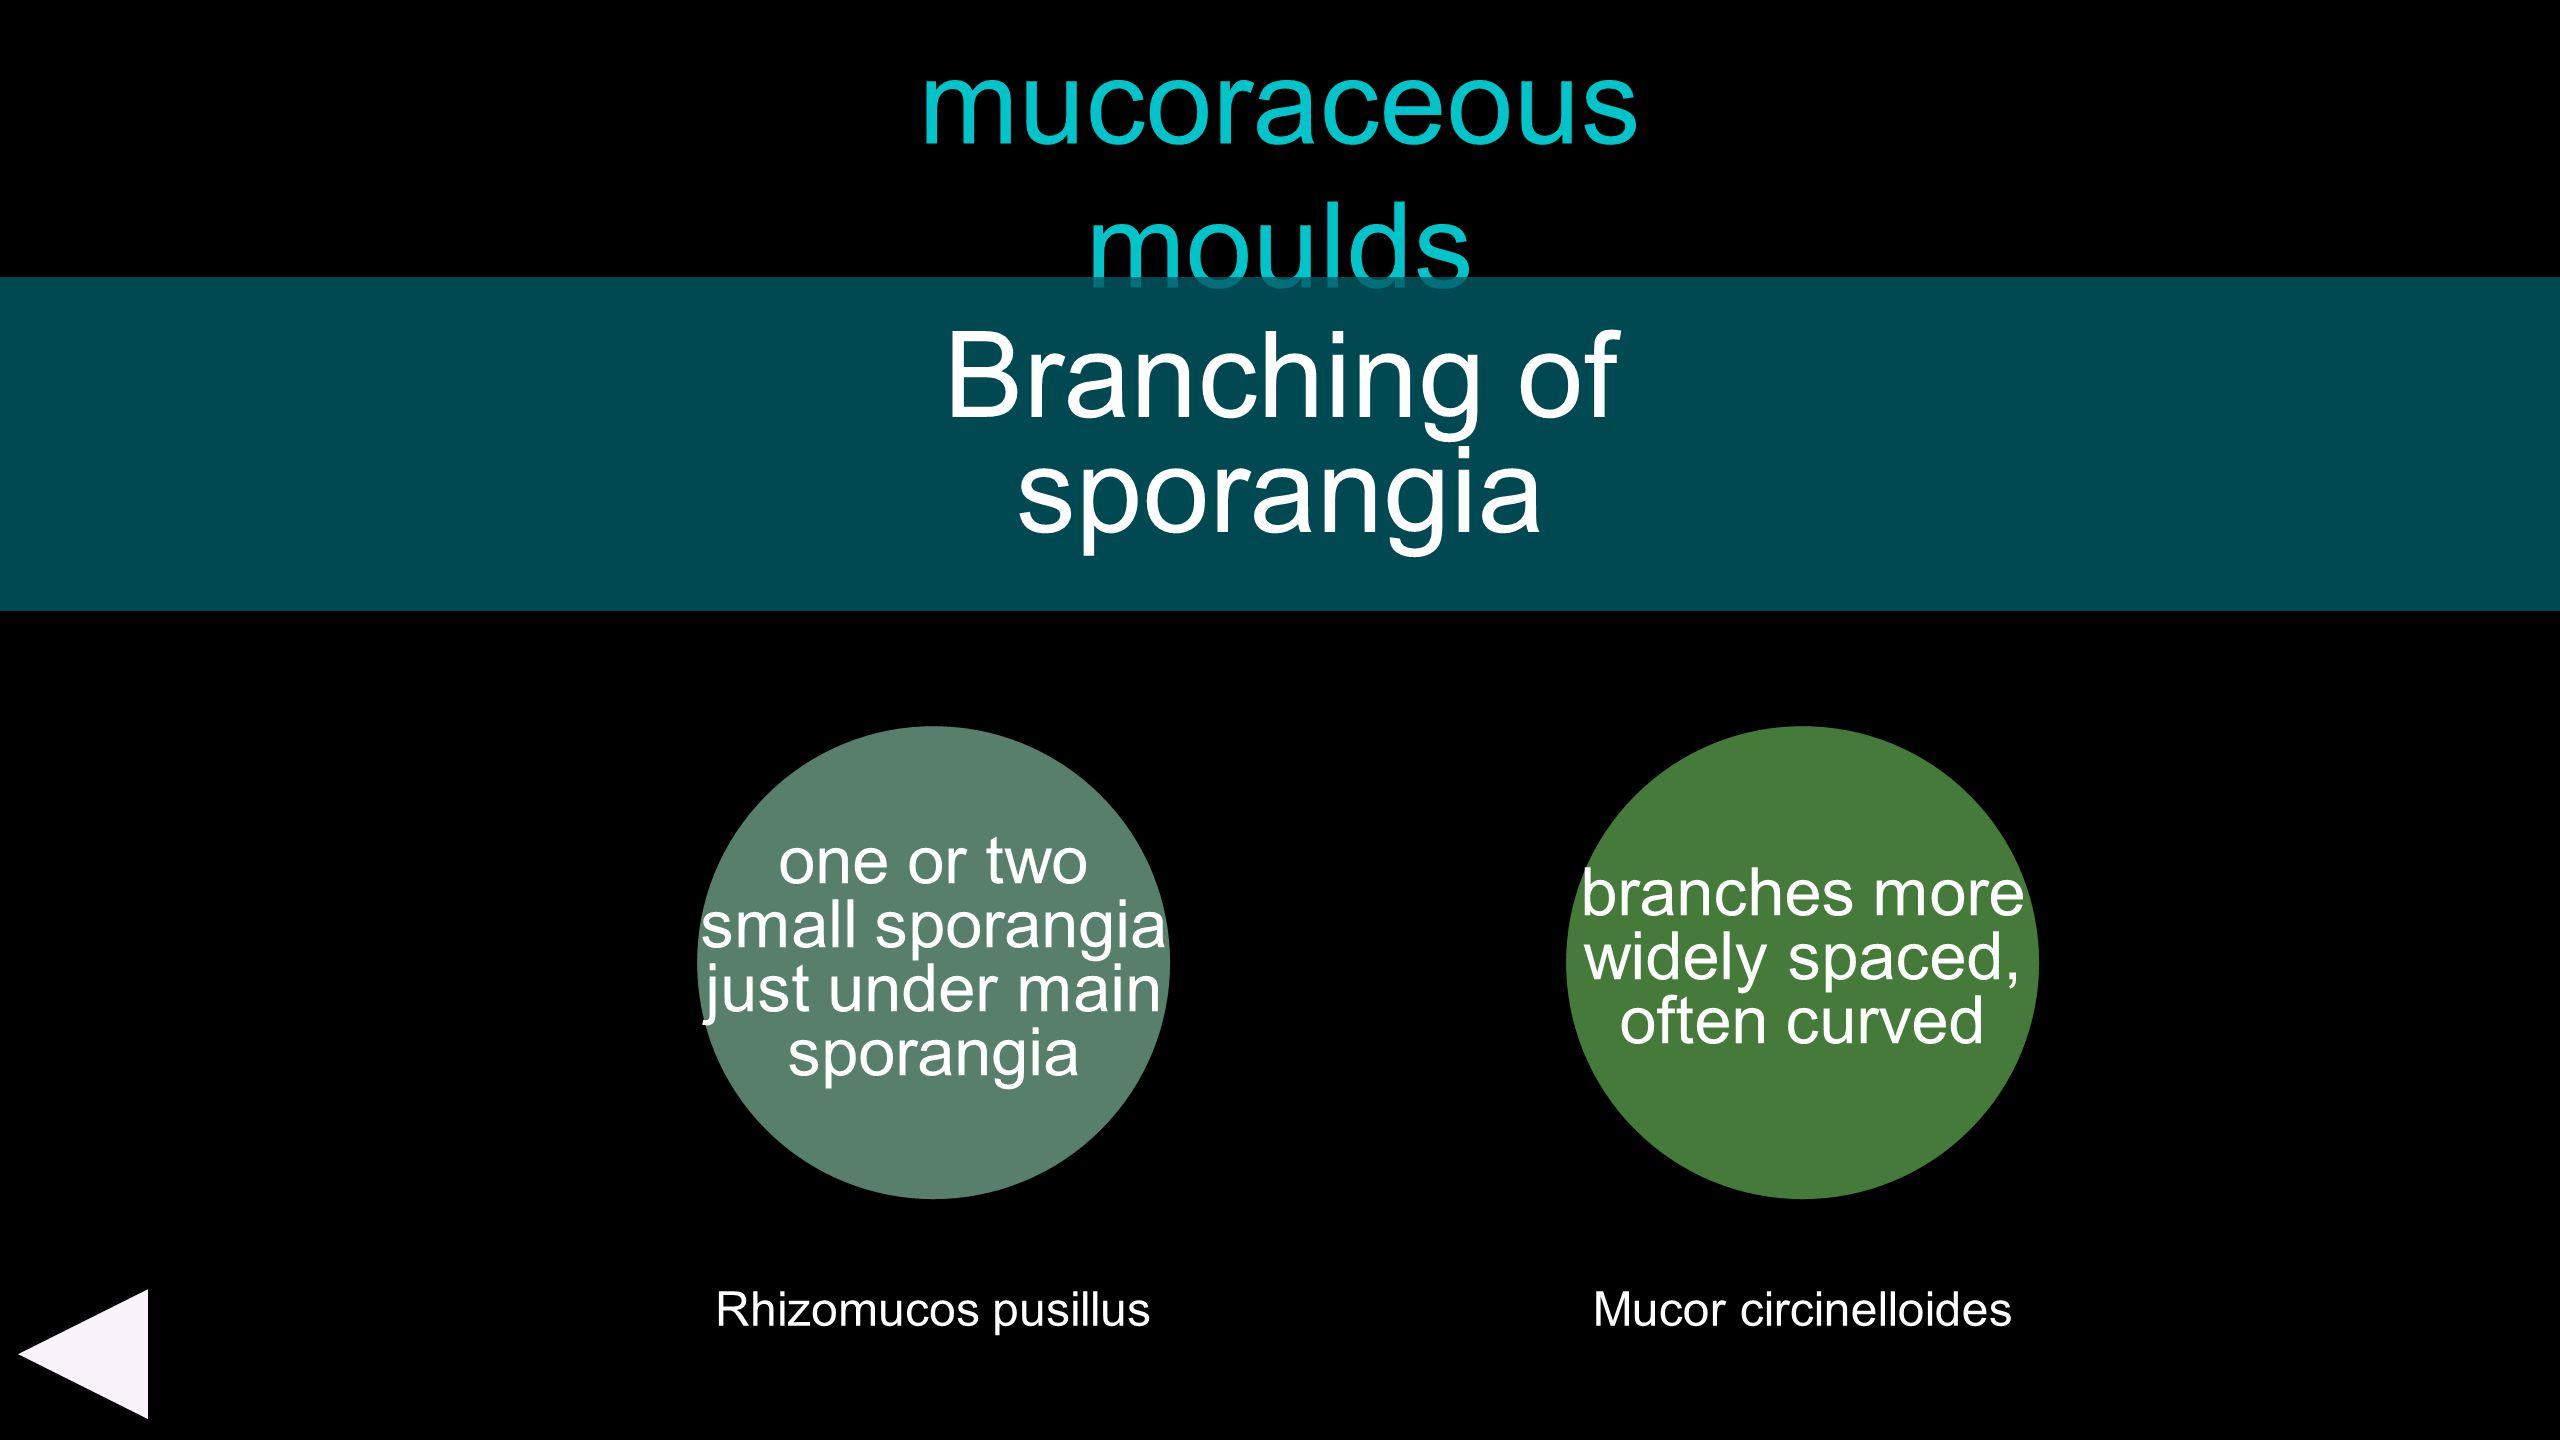 Branching of sporangia